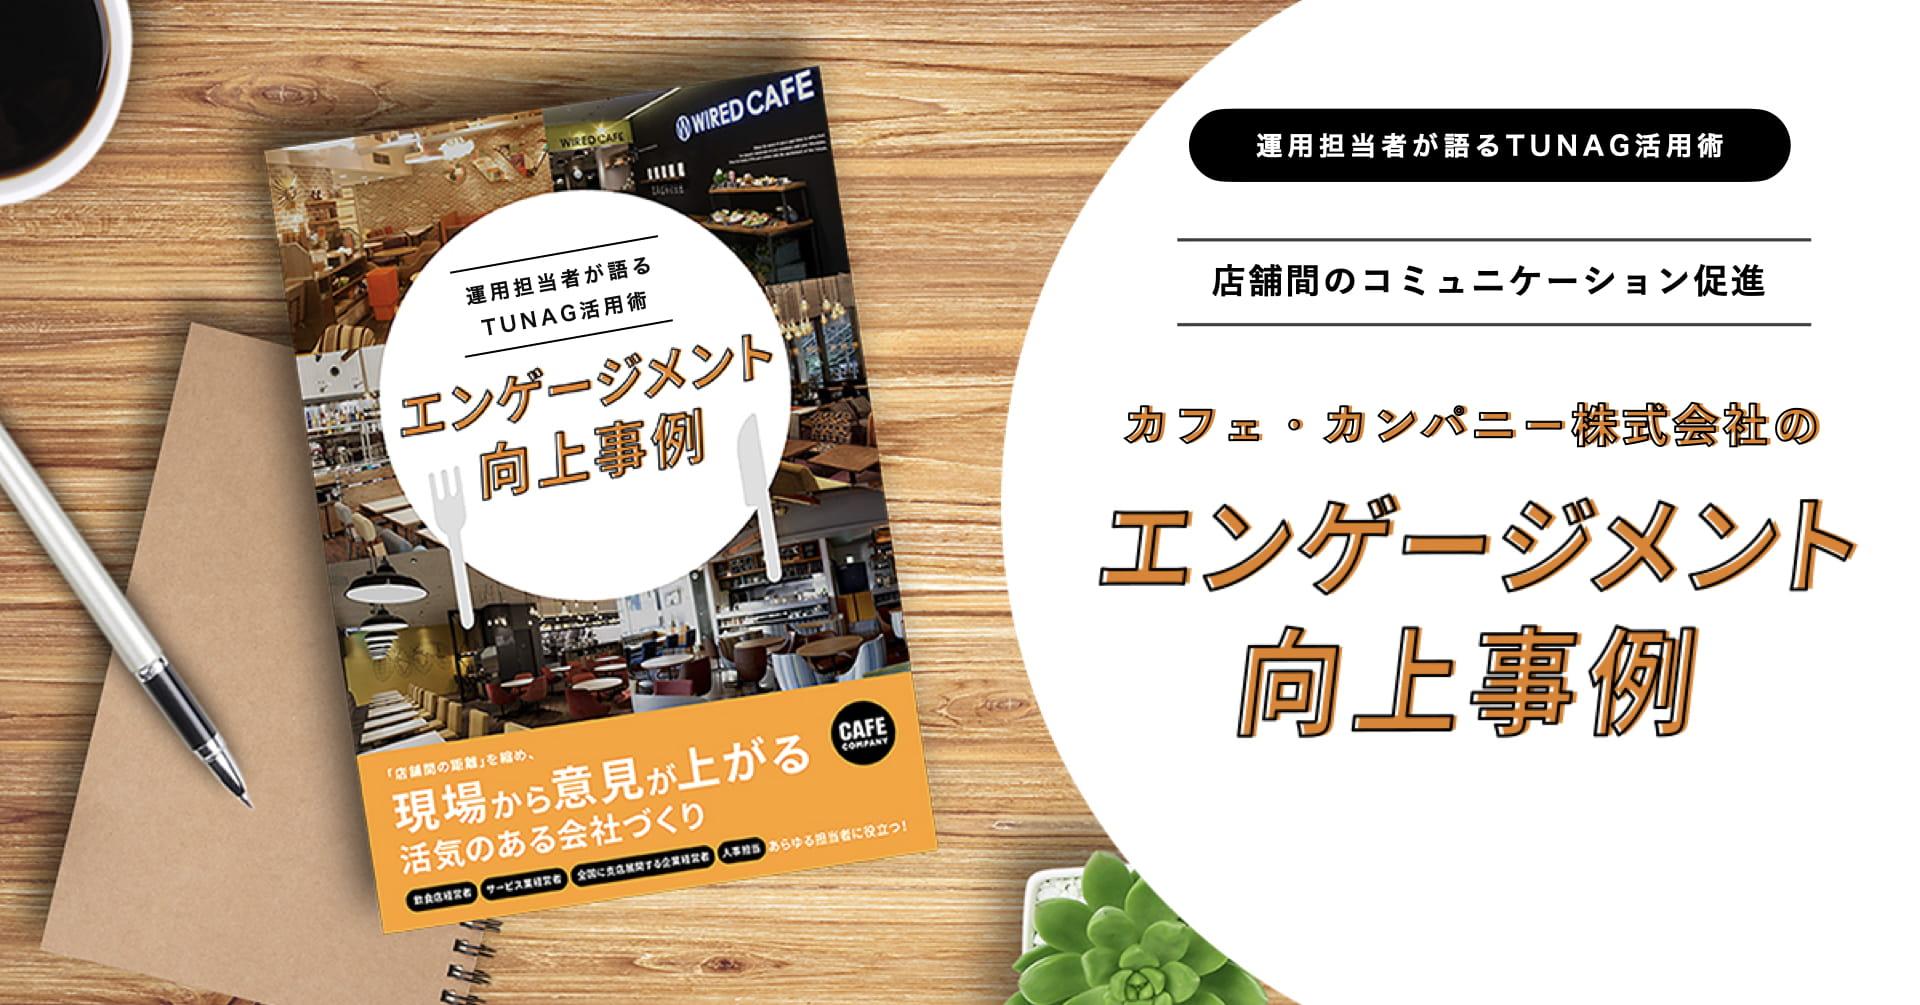 カフェ・カンパニーの「現場から意見の上がる活気のある会社づくり」実践事例